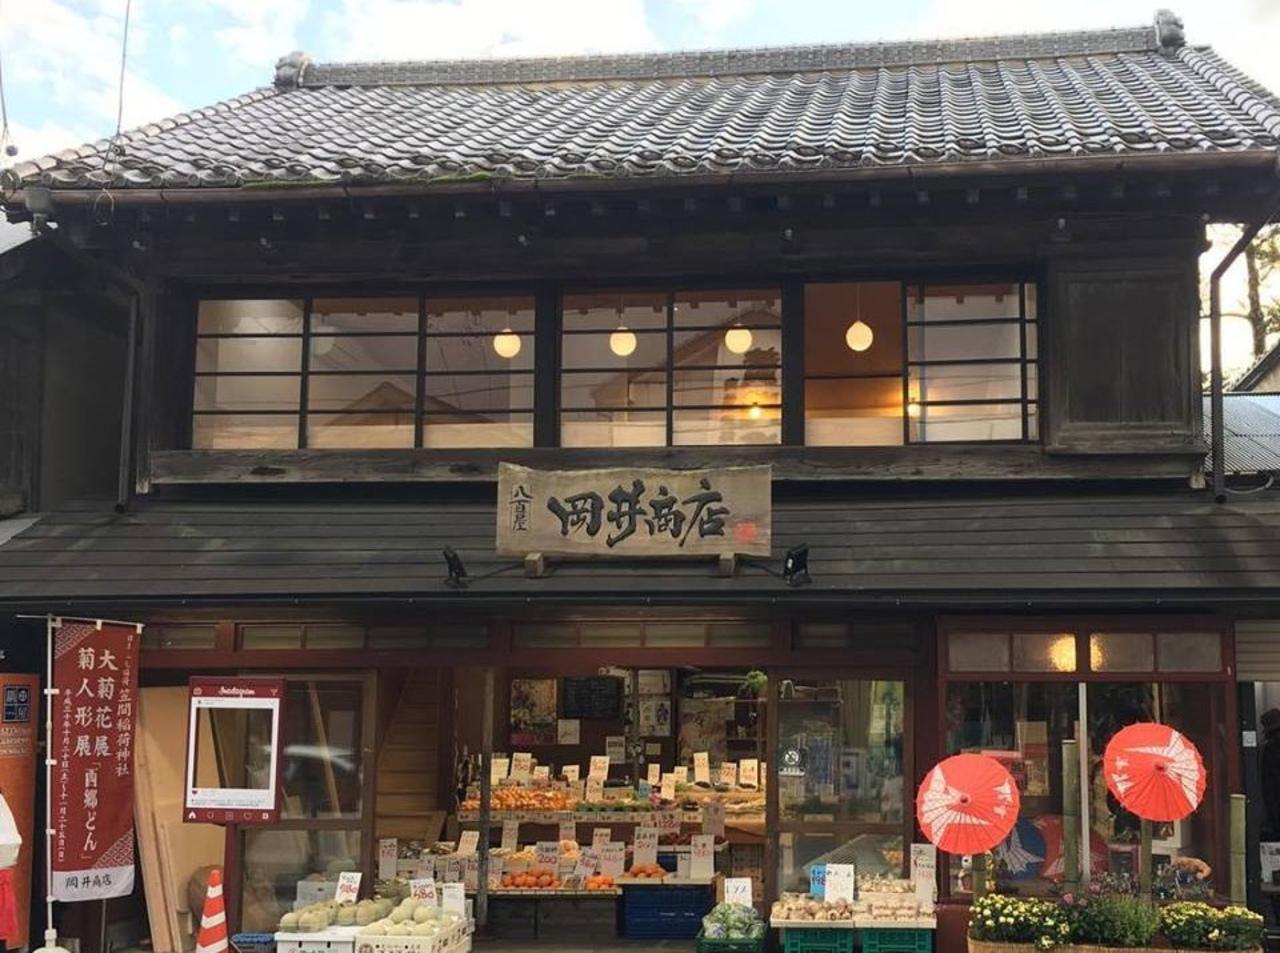 八百屋の2階にカフェ...茨城県笠間市笠間に『八百屋カフェ オカイ』本日プレオープン。